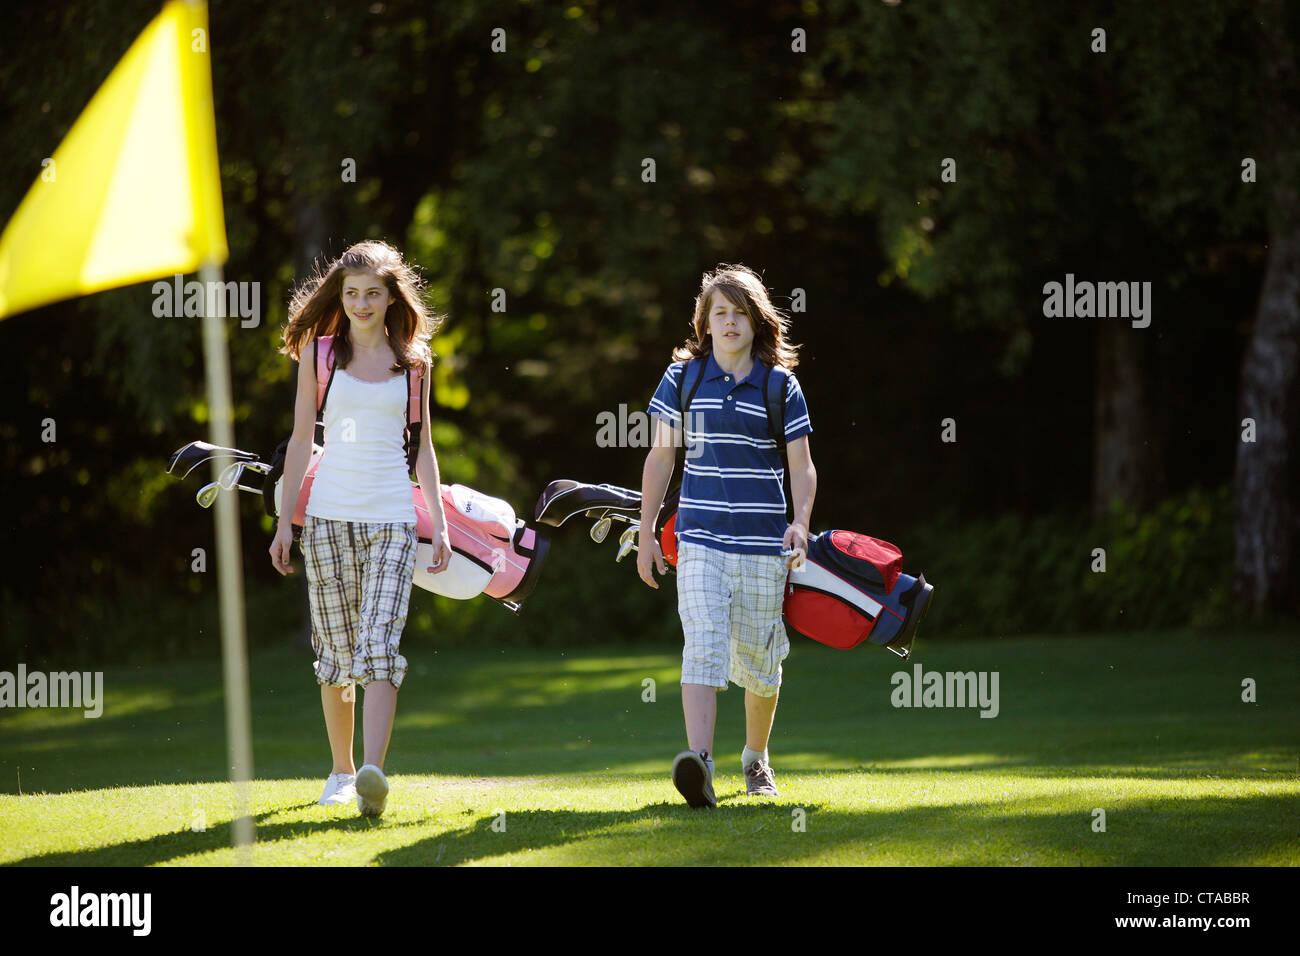 Les enfants à jouer au golf, Bergkramerhof, Bavière, Allemagne Photo Stock